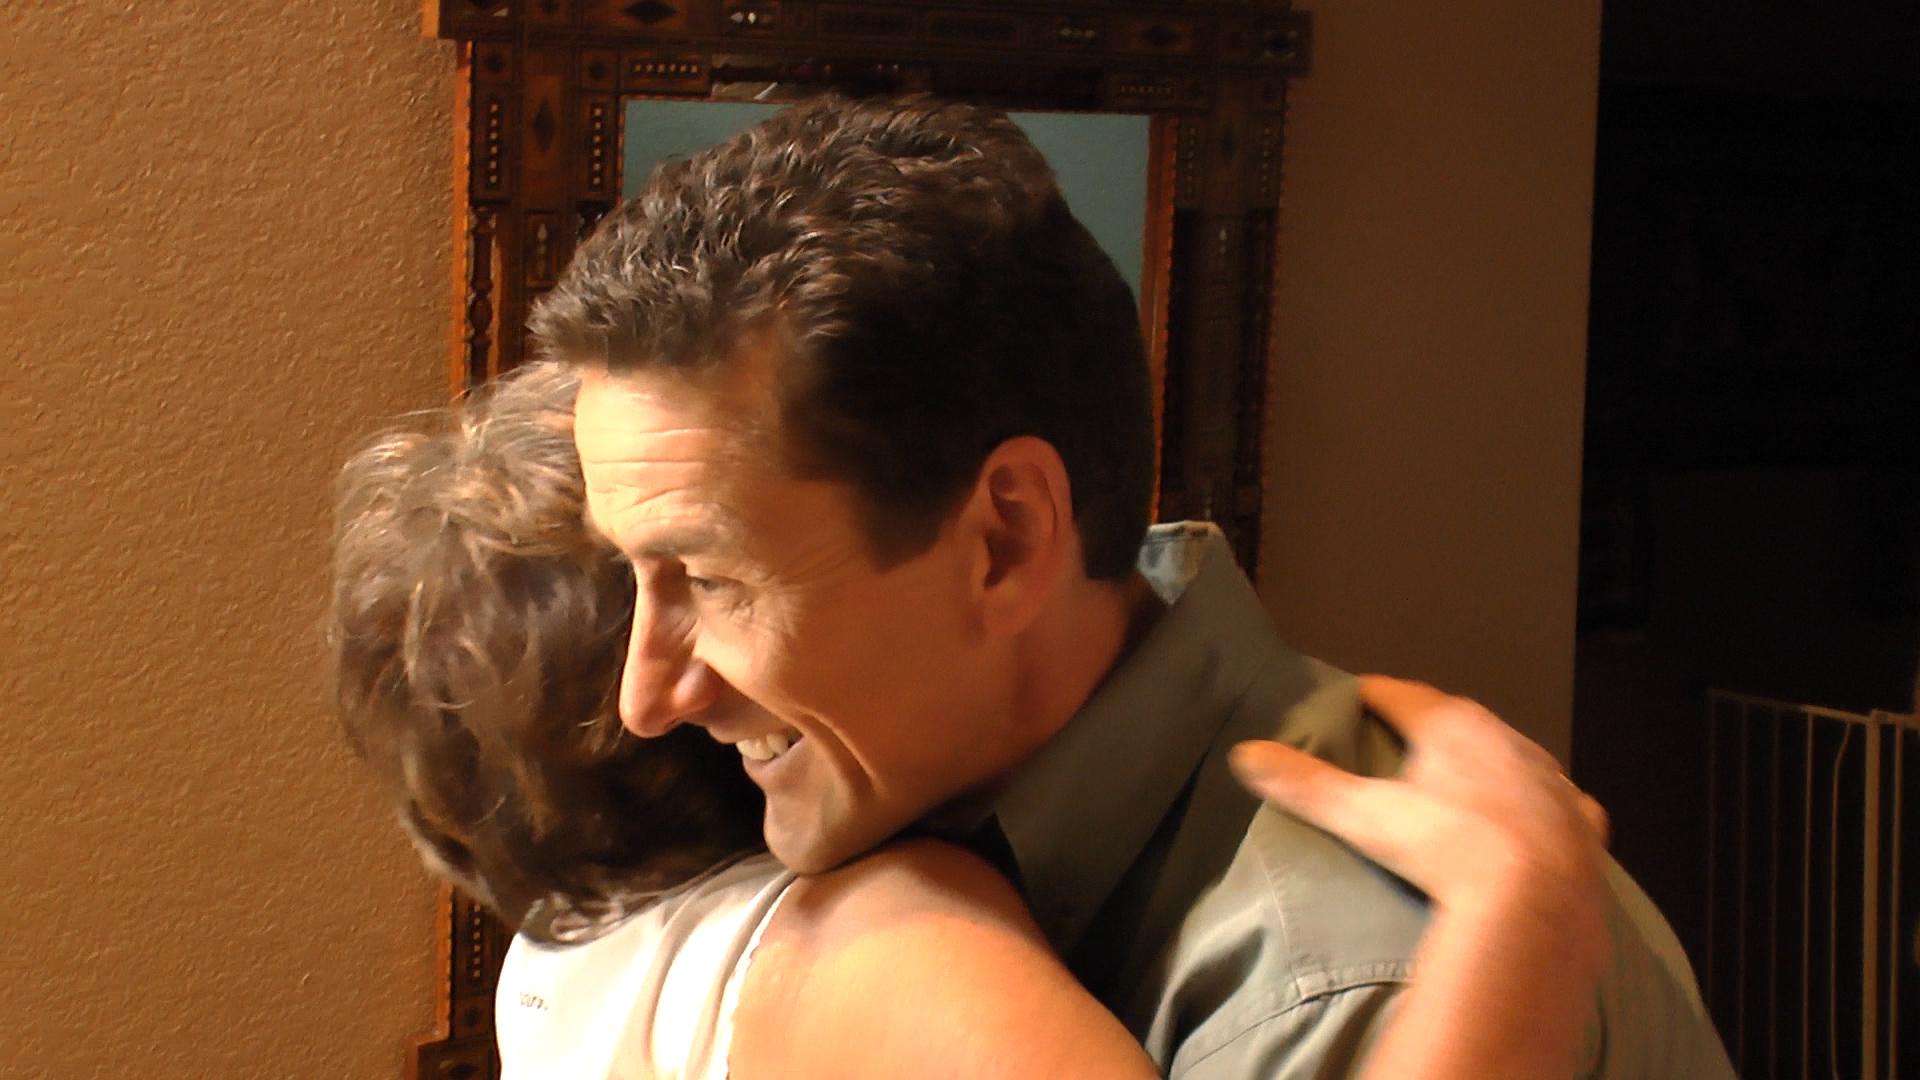 paul hugs client